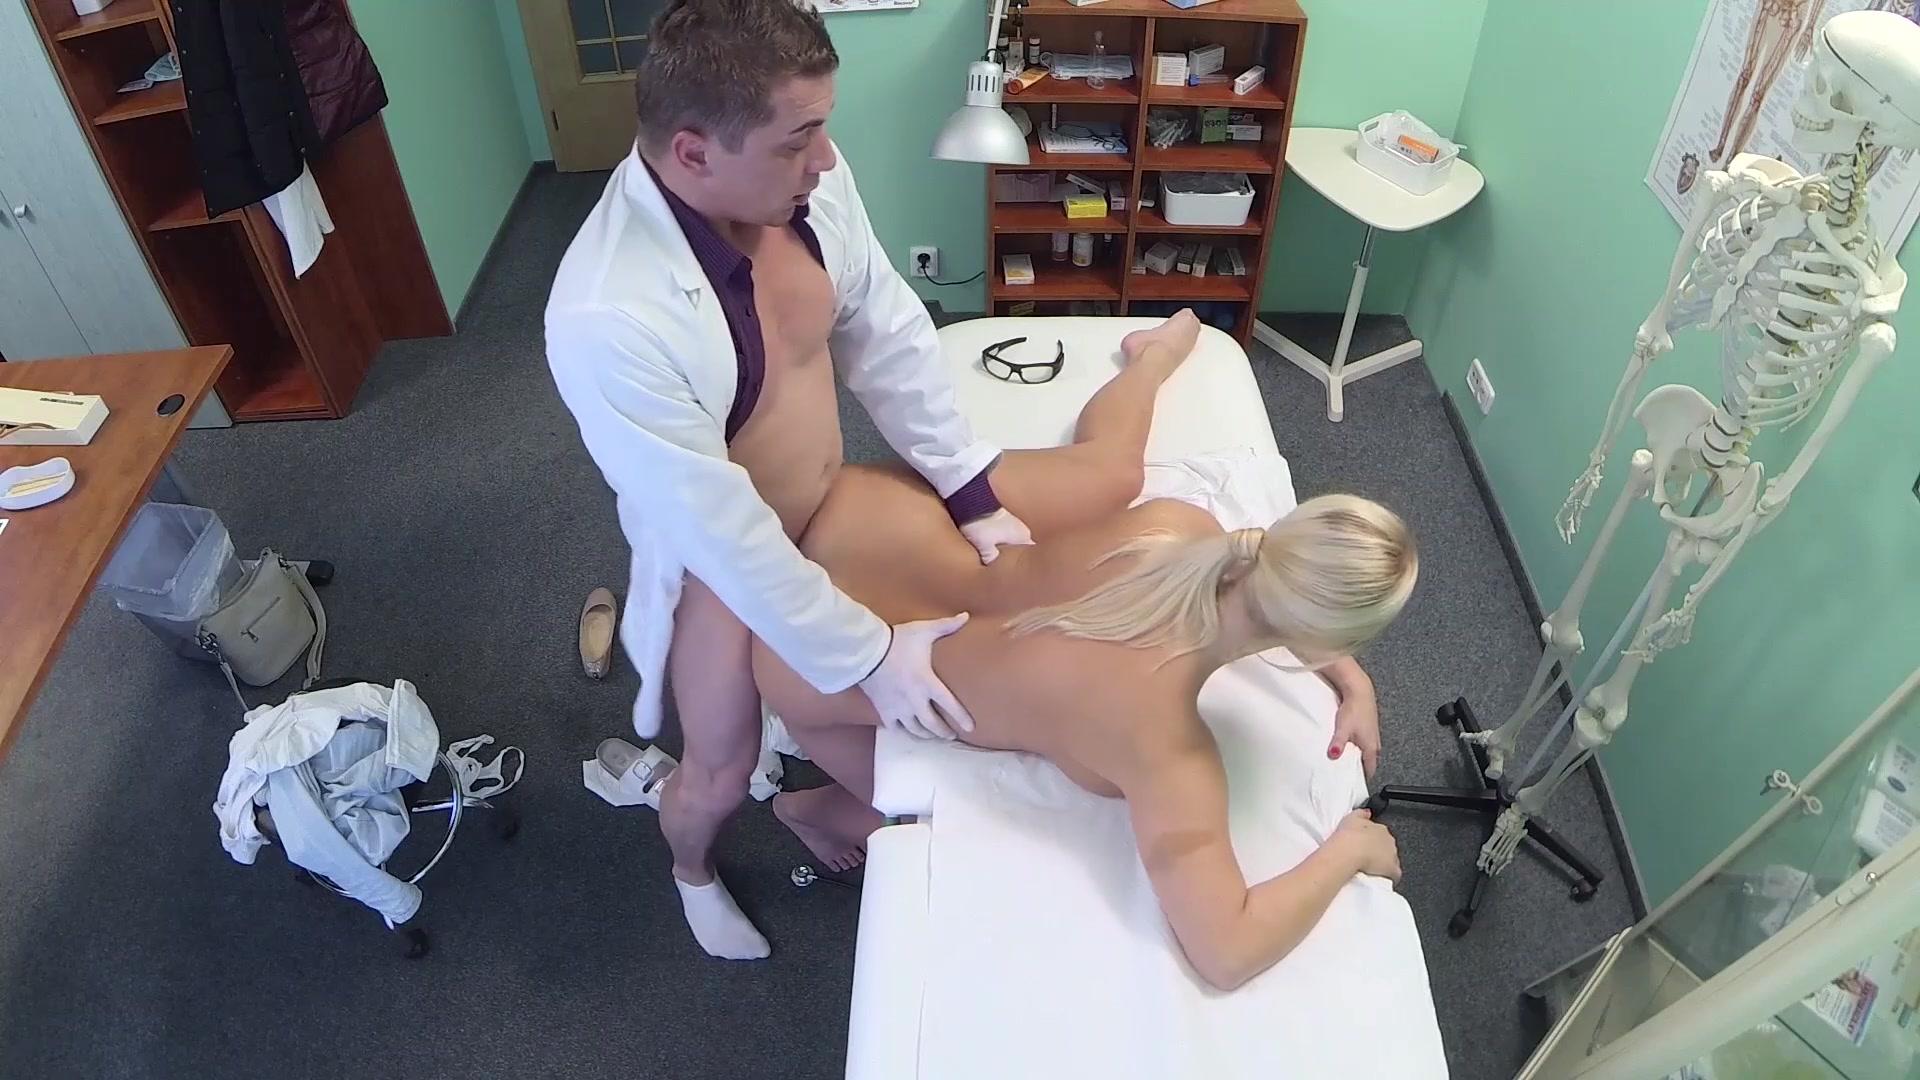 смотреть как ебут медсестер на скрытую камеру вас уже